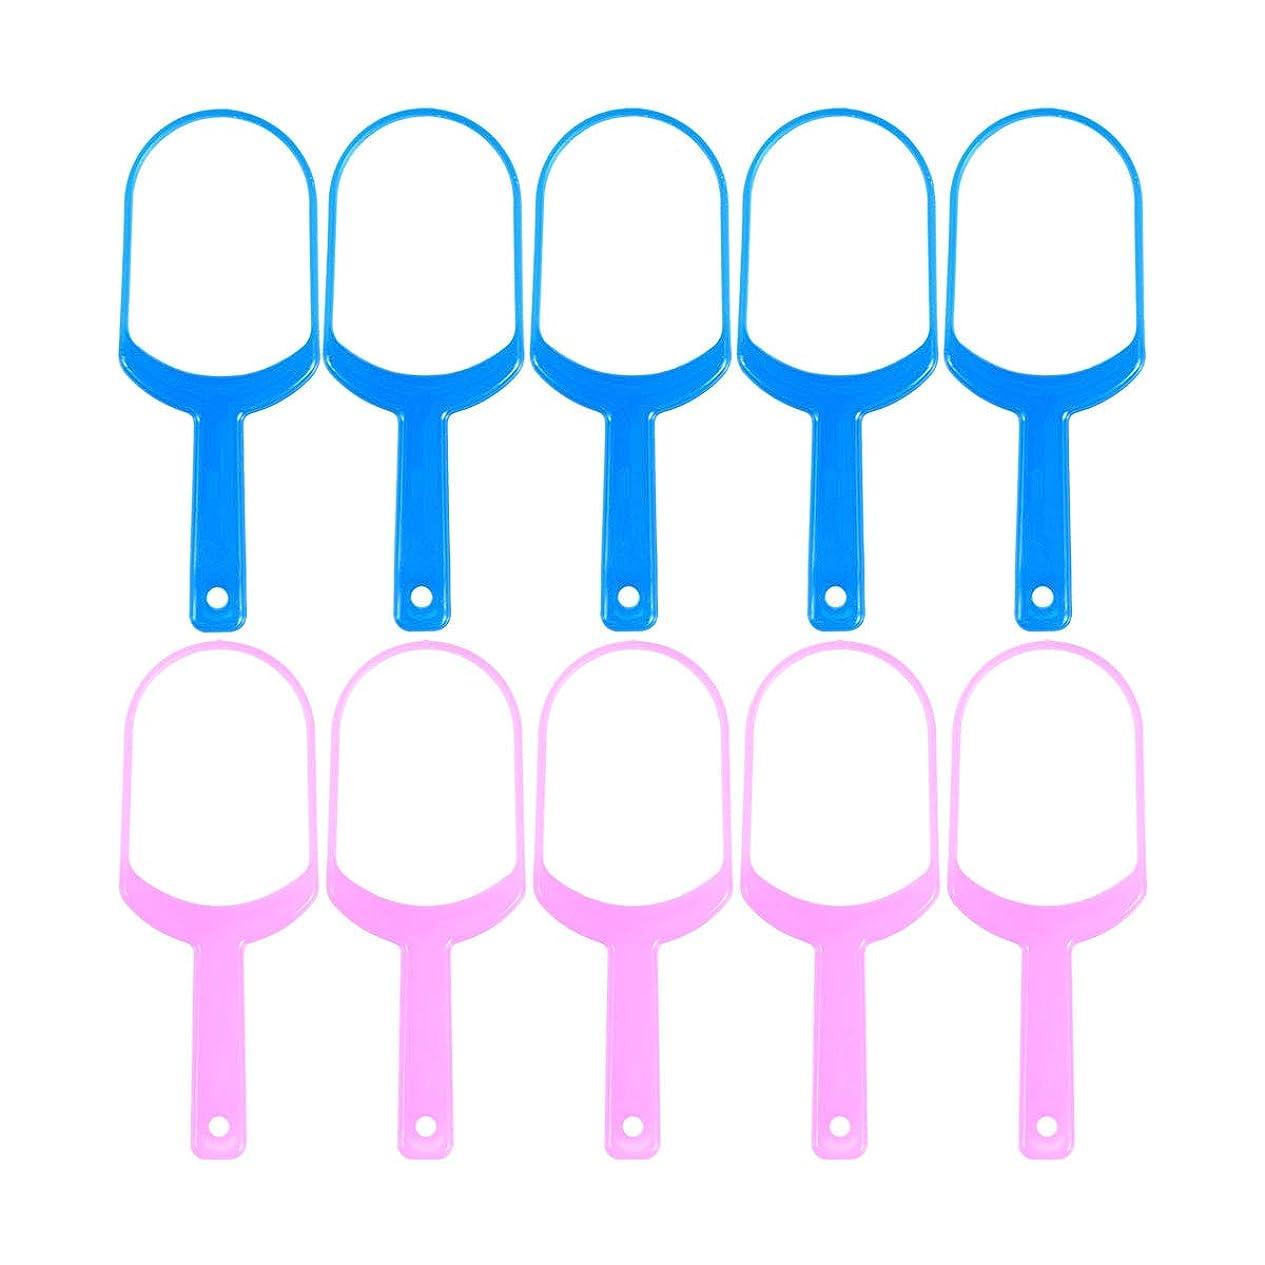 ブラインド共感する伝記Healifty 舌スクレーパークリーナー舌クリーナーリムーバー10個(5 *ピンク+ 5 *ブルー)